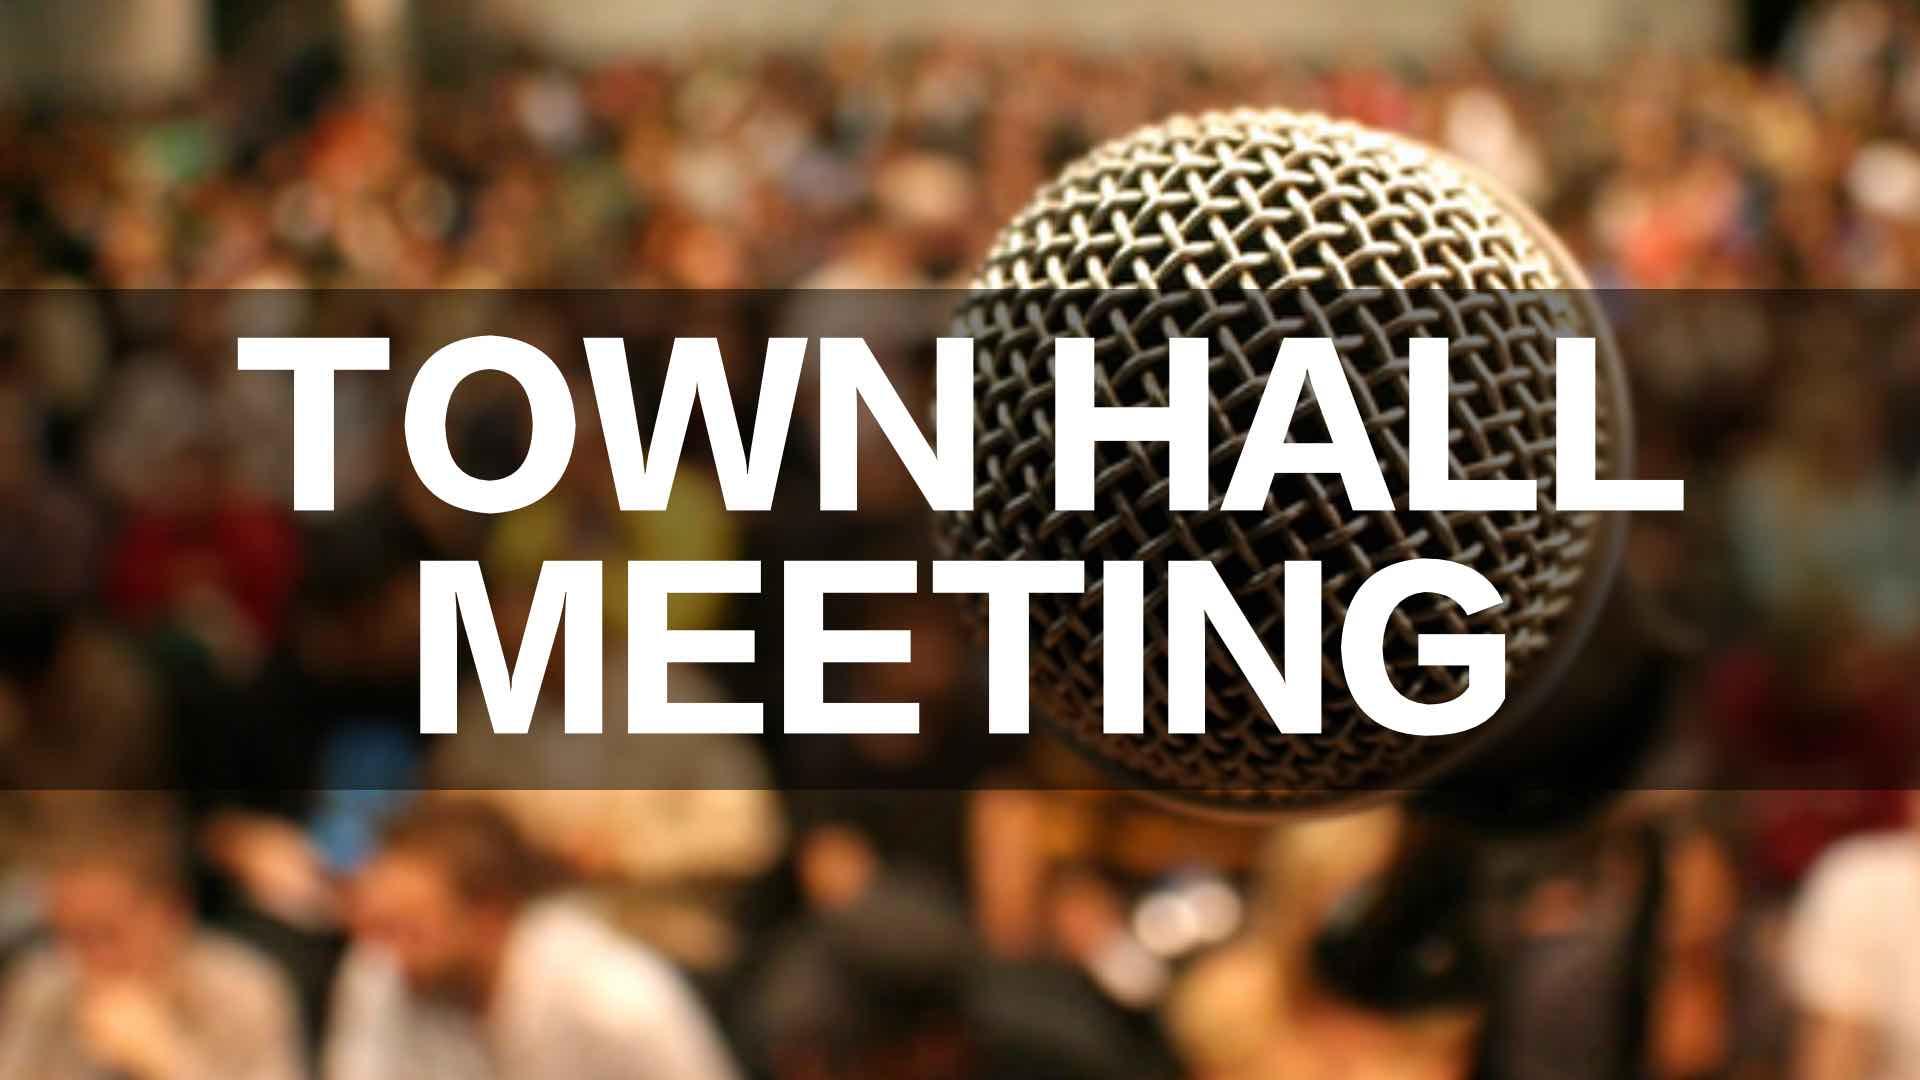 District 3 Councilmember Tom Hayden to Host Town Hall Meeting